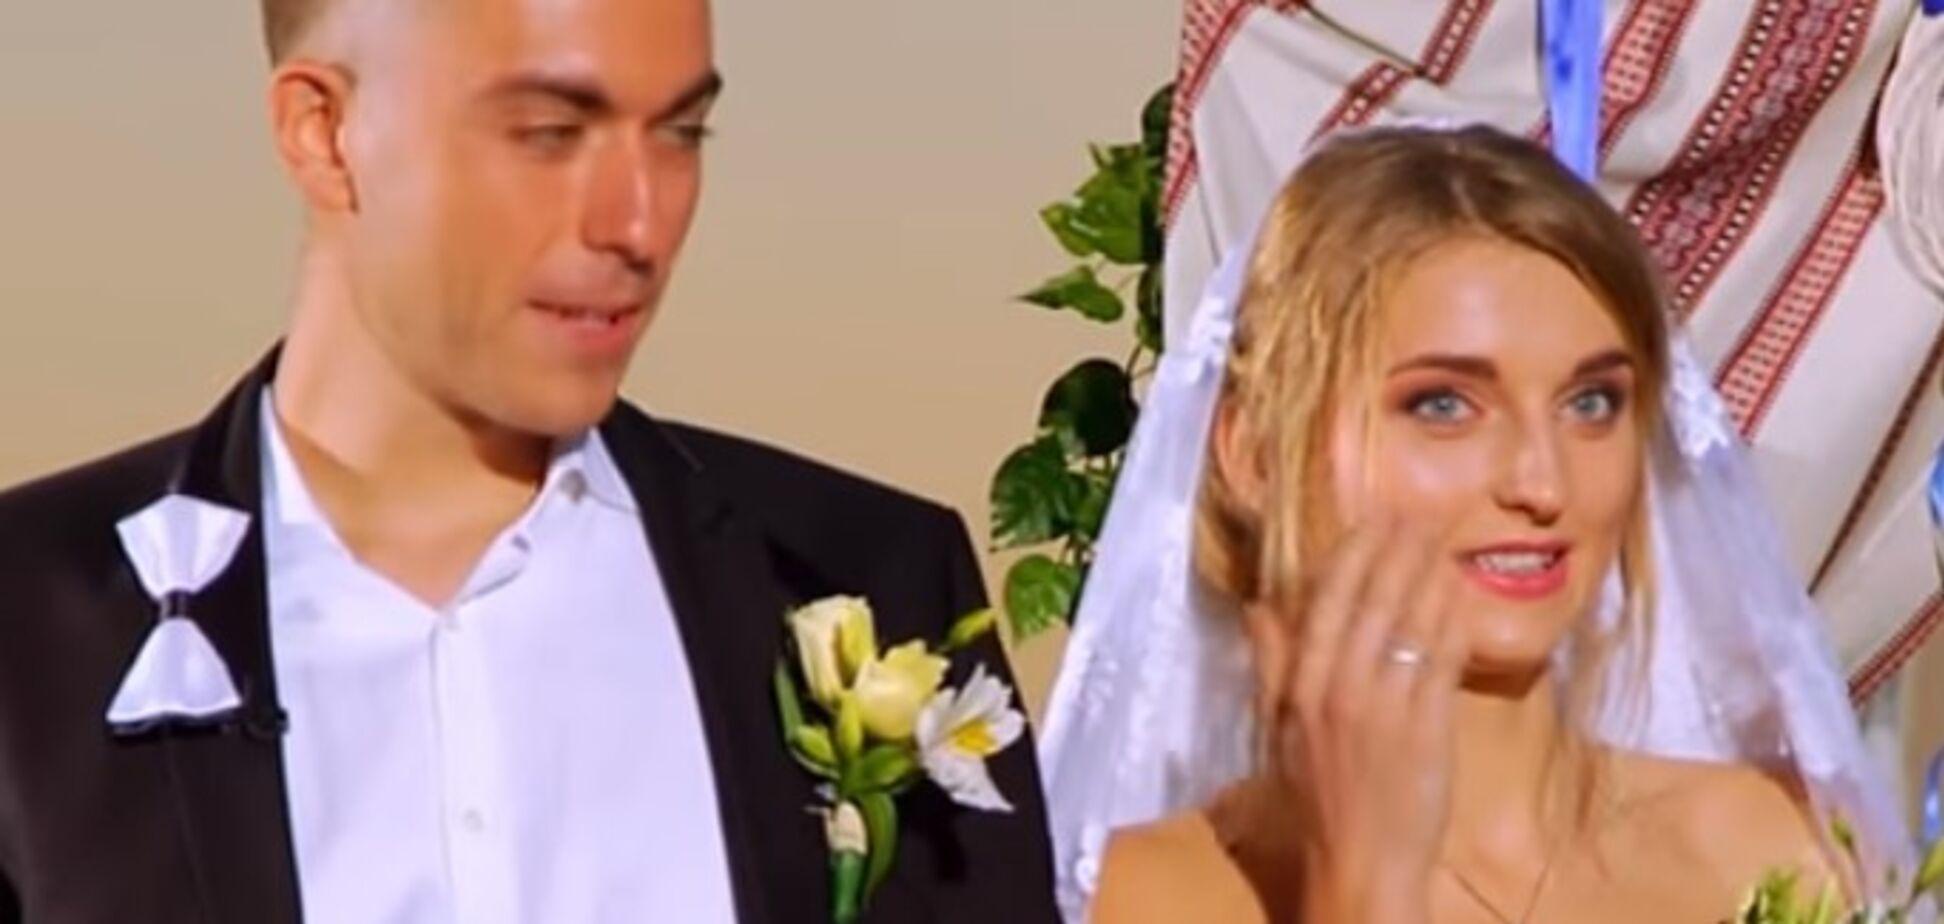 'Второсортные помои': 'Одруження наосліп' вызвало возмущение